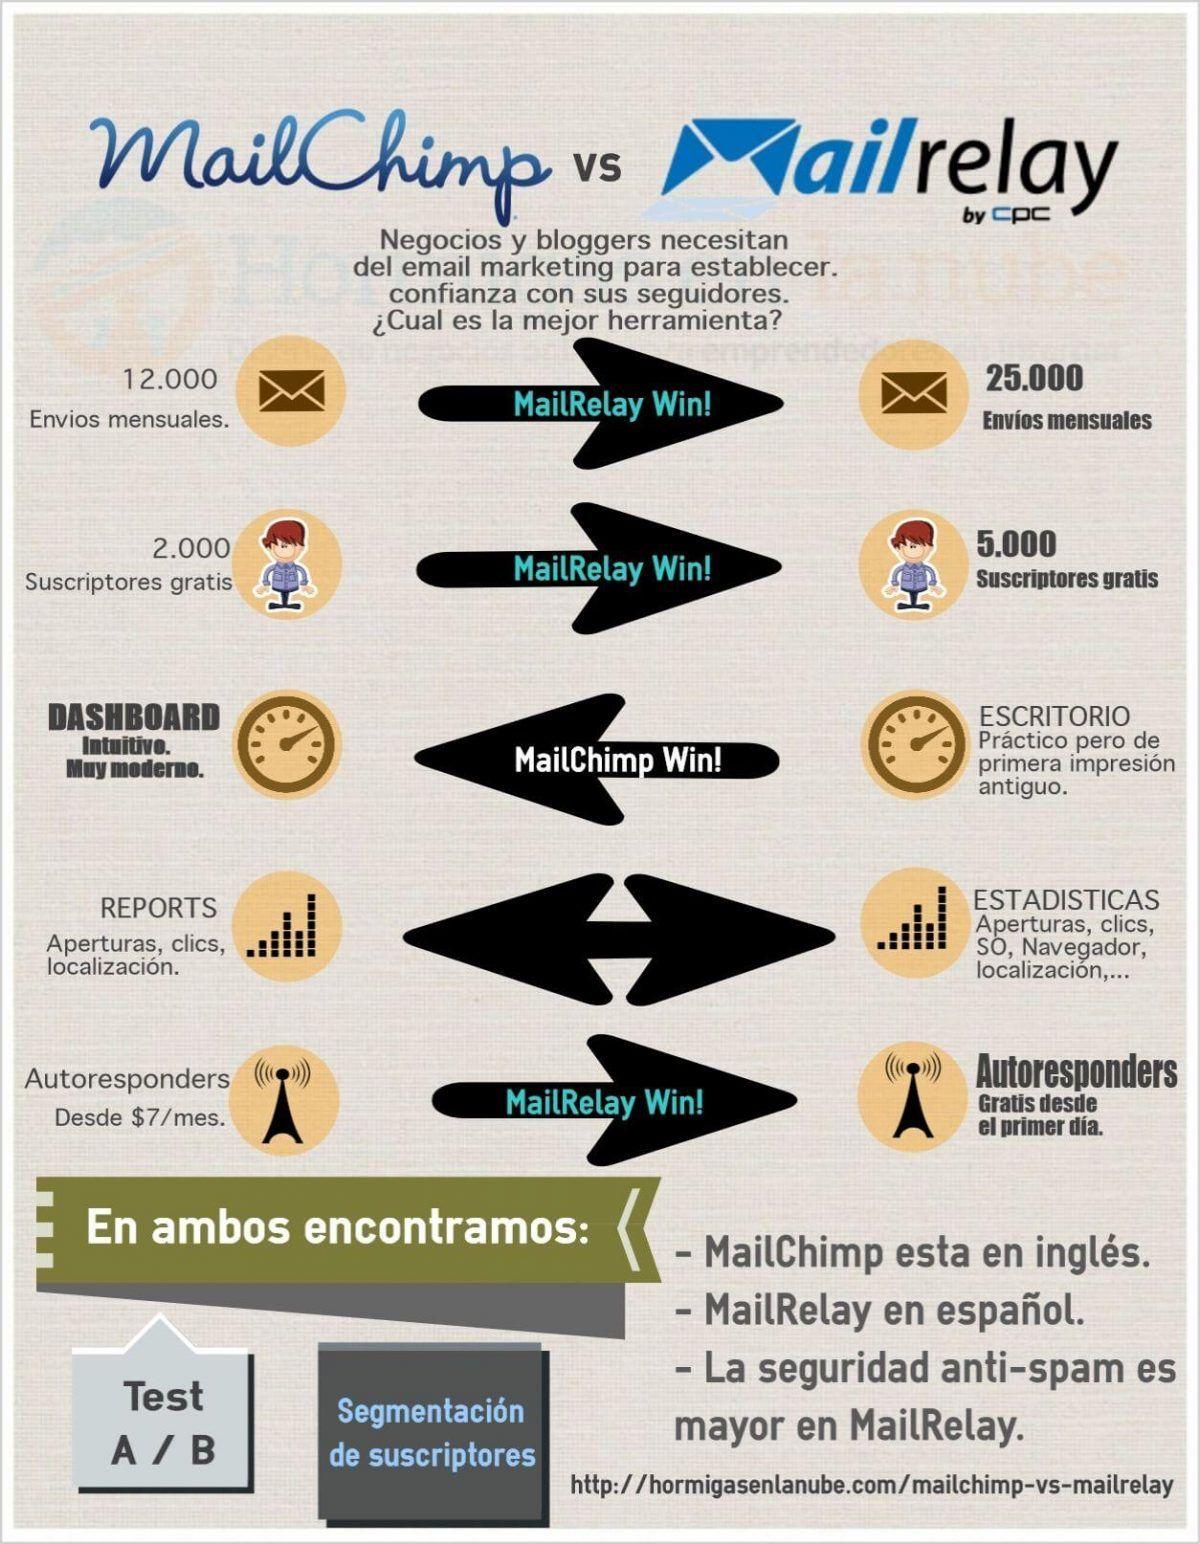 MailChimp VS MailRelay